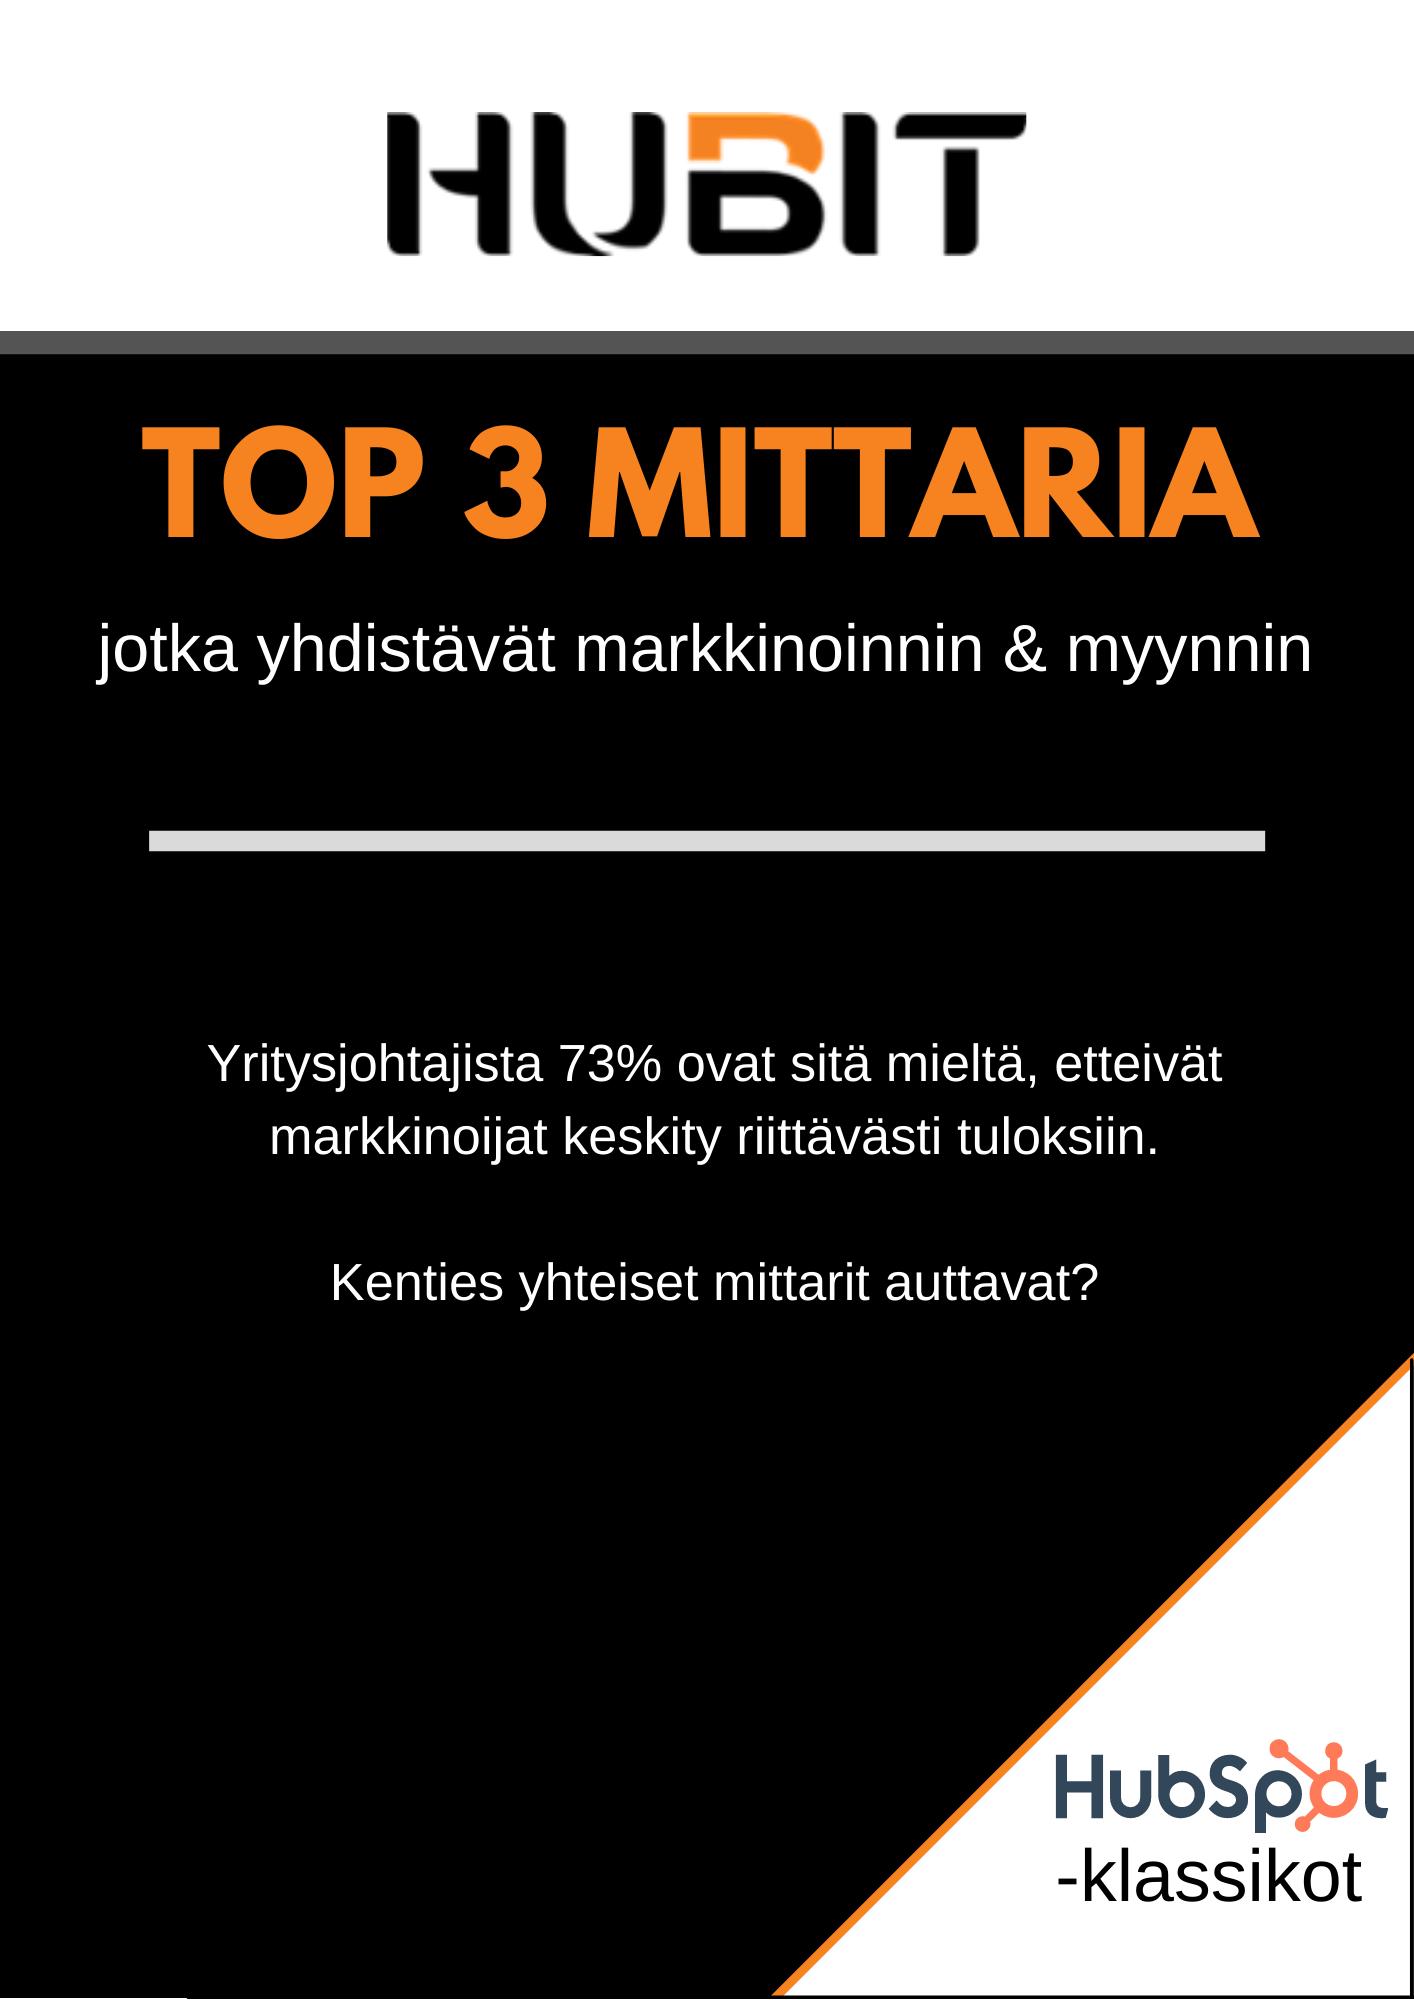 TOP 3 MITTARIA (2)